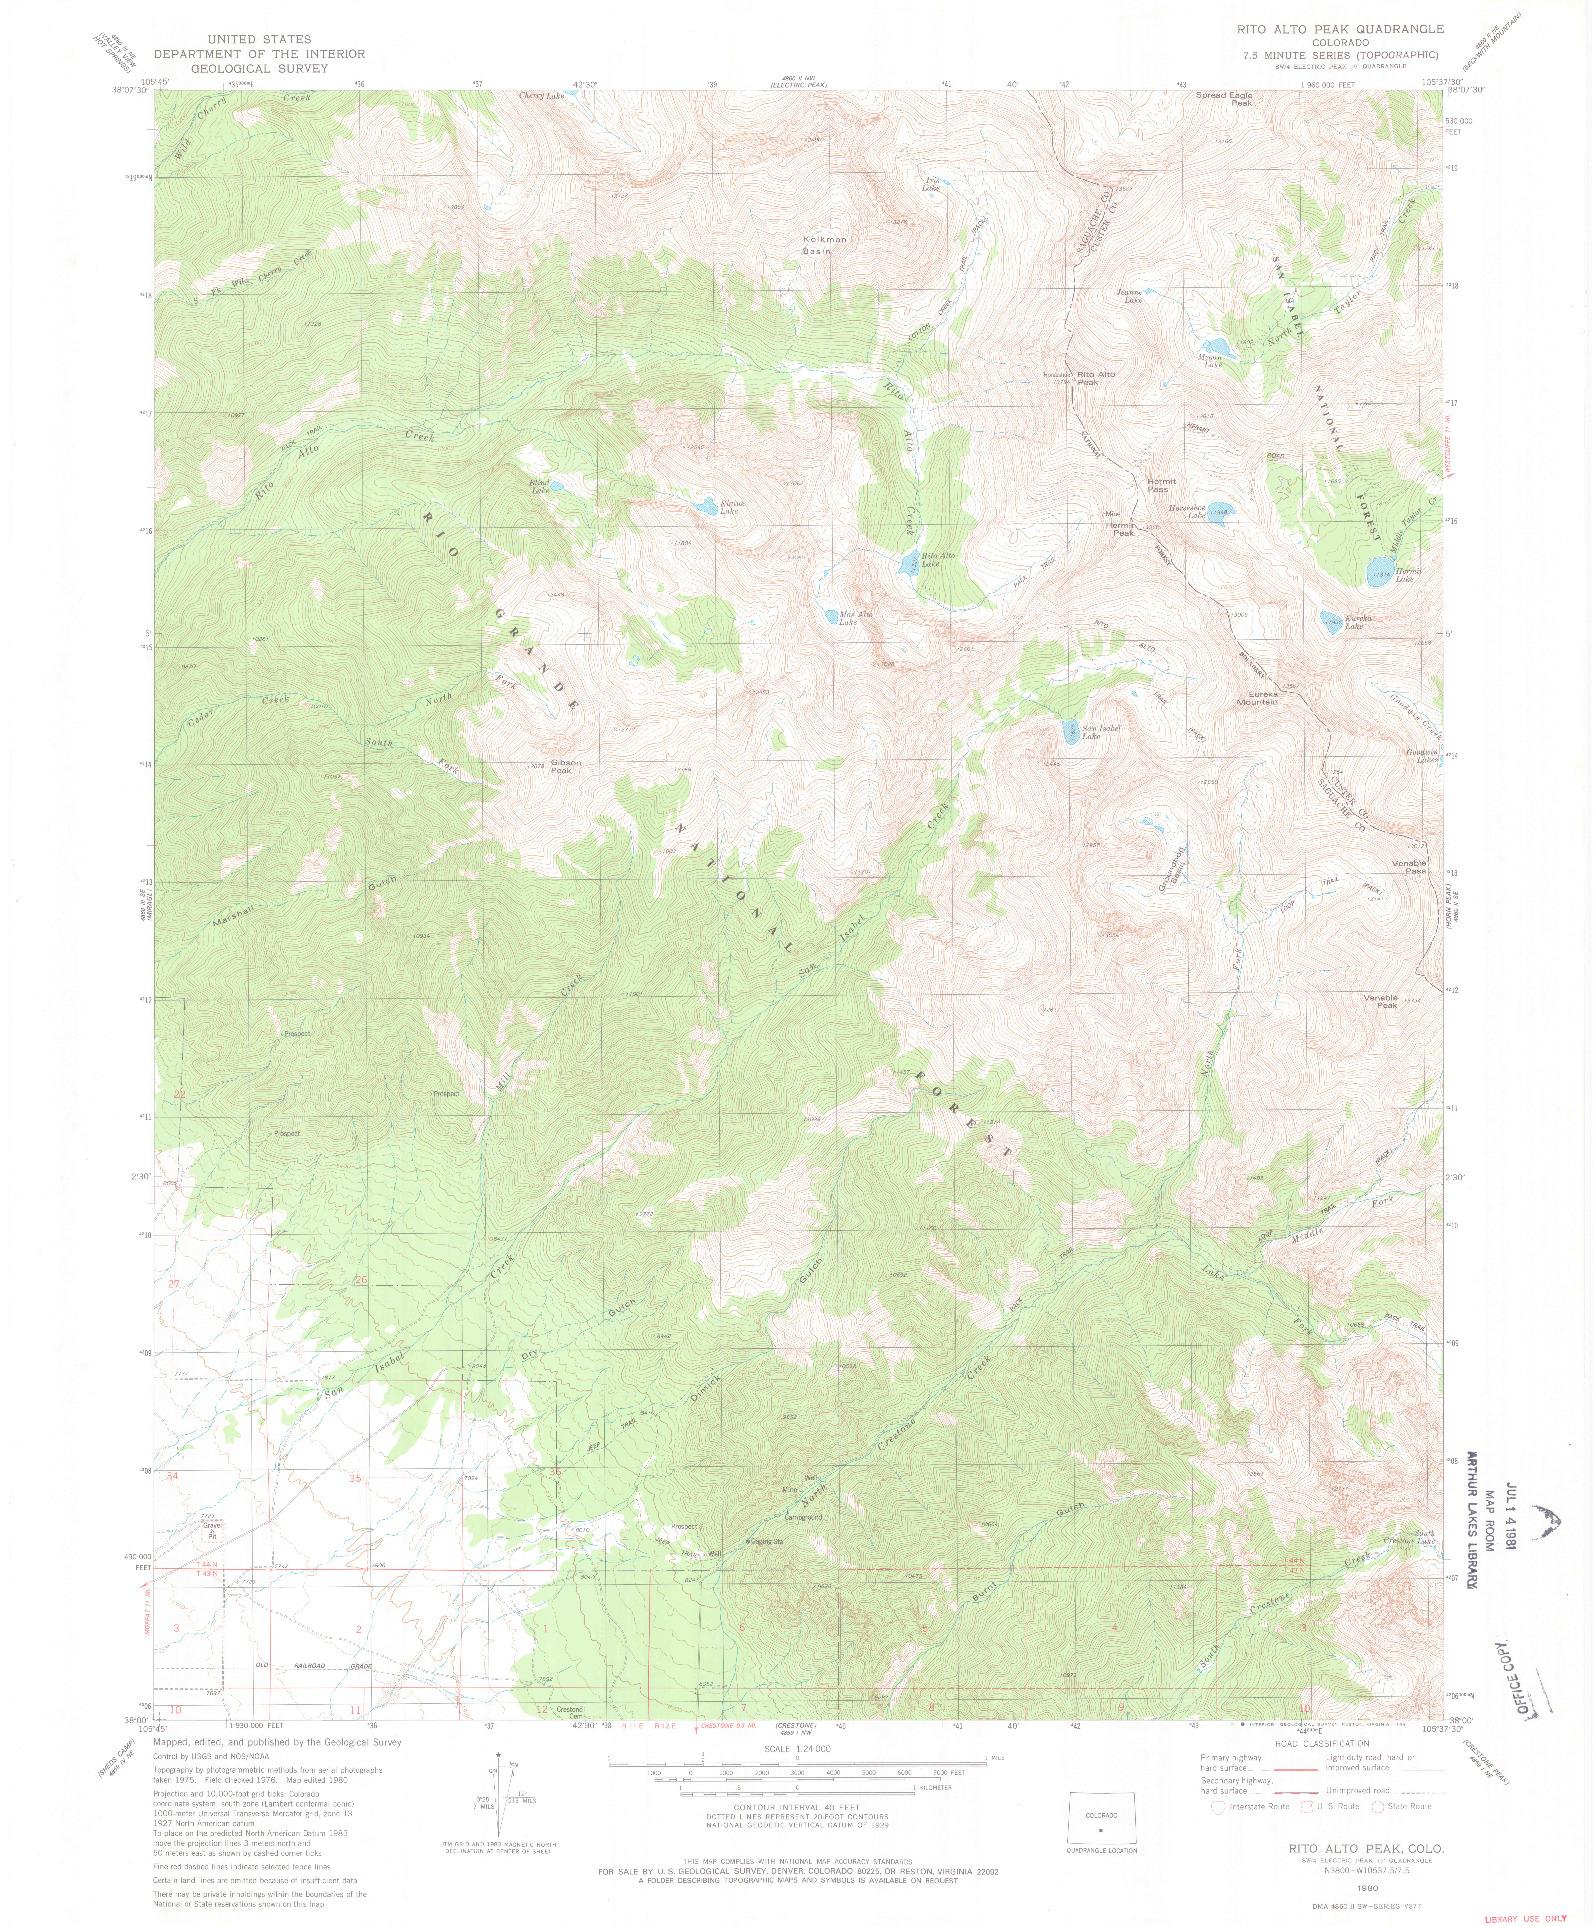 USGS 1:24000-SCALE QUADRANGLE FOR RITO ALTO PEAK, CO 1980